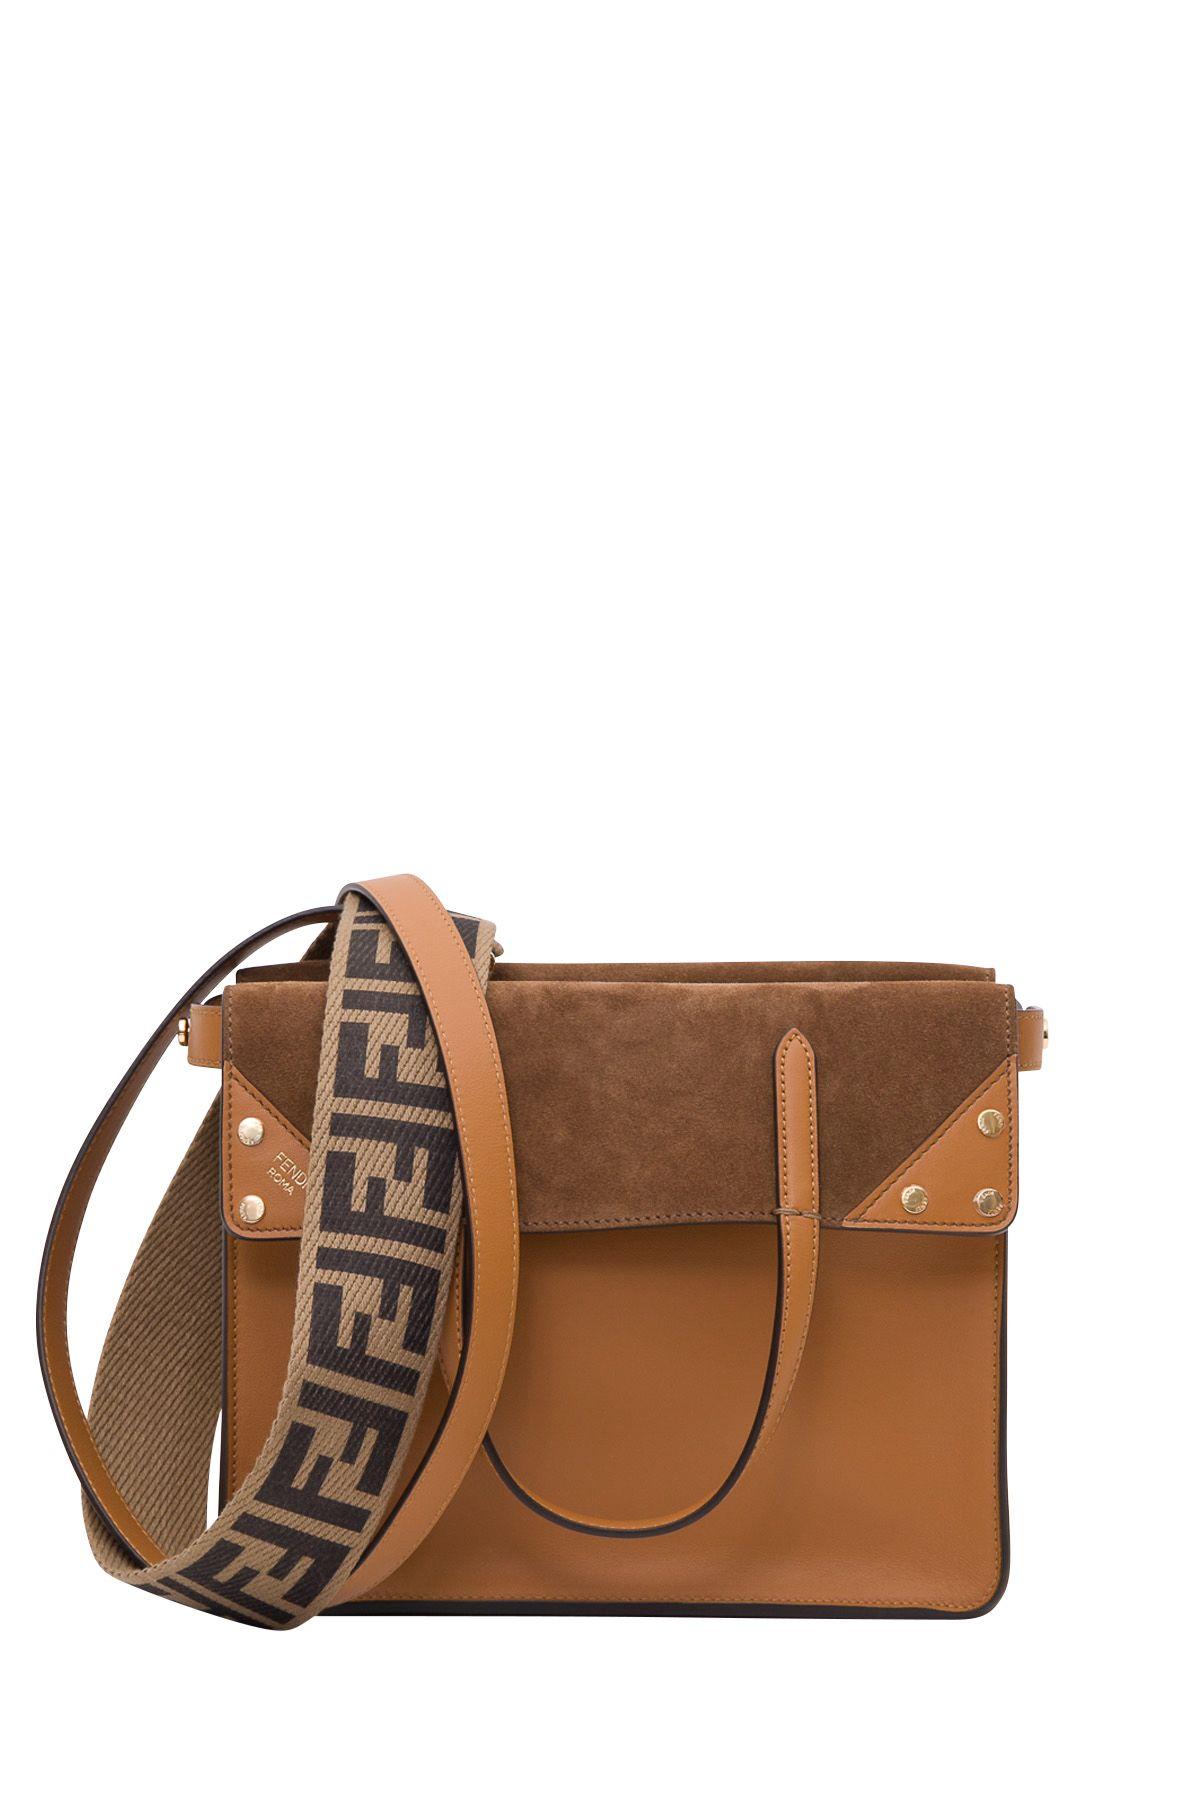 d02c1f60e407 Fendi Fendi Small Flip Tote Bag - Marrone - 10903375